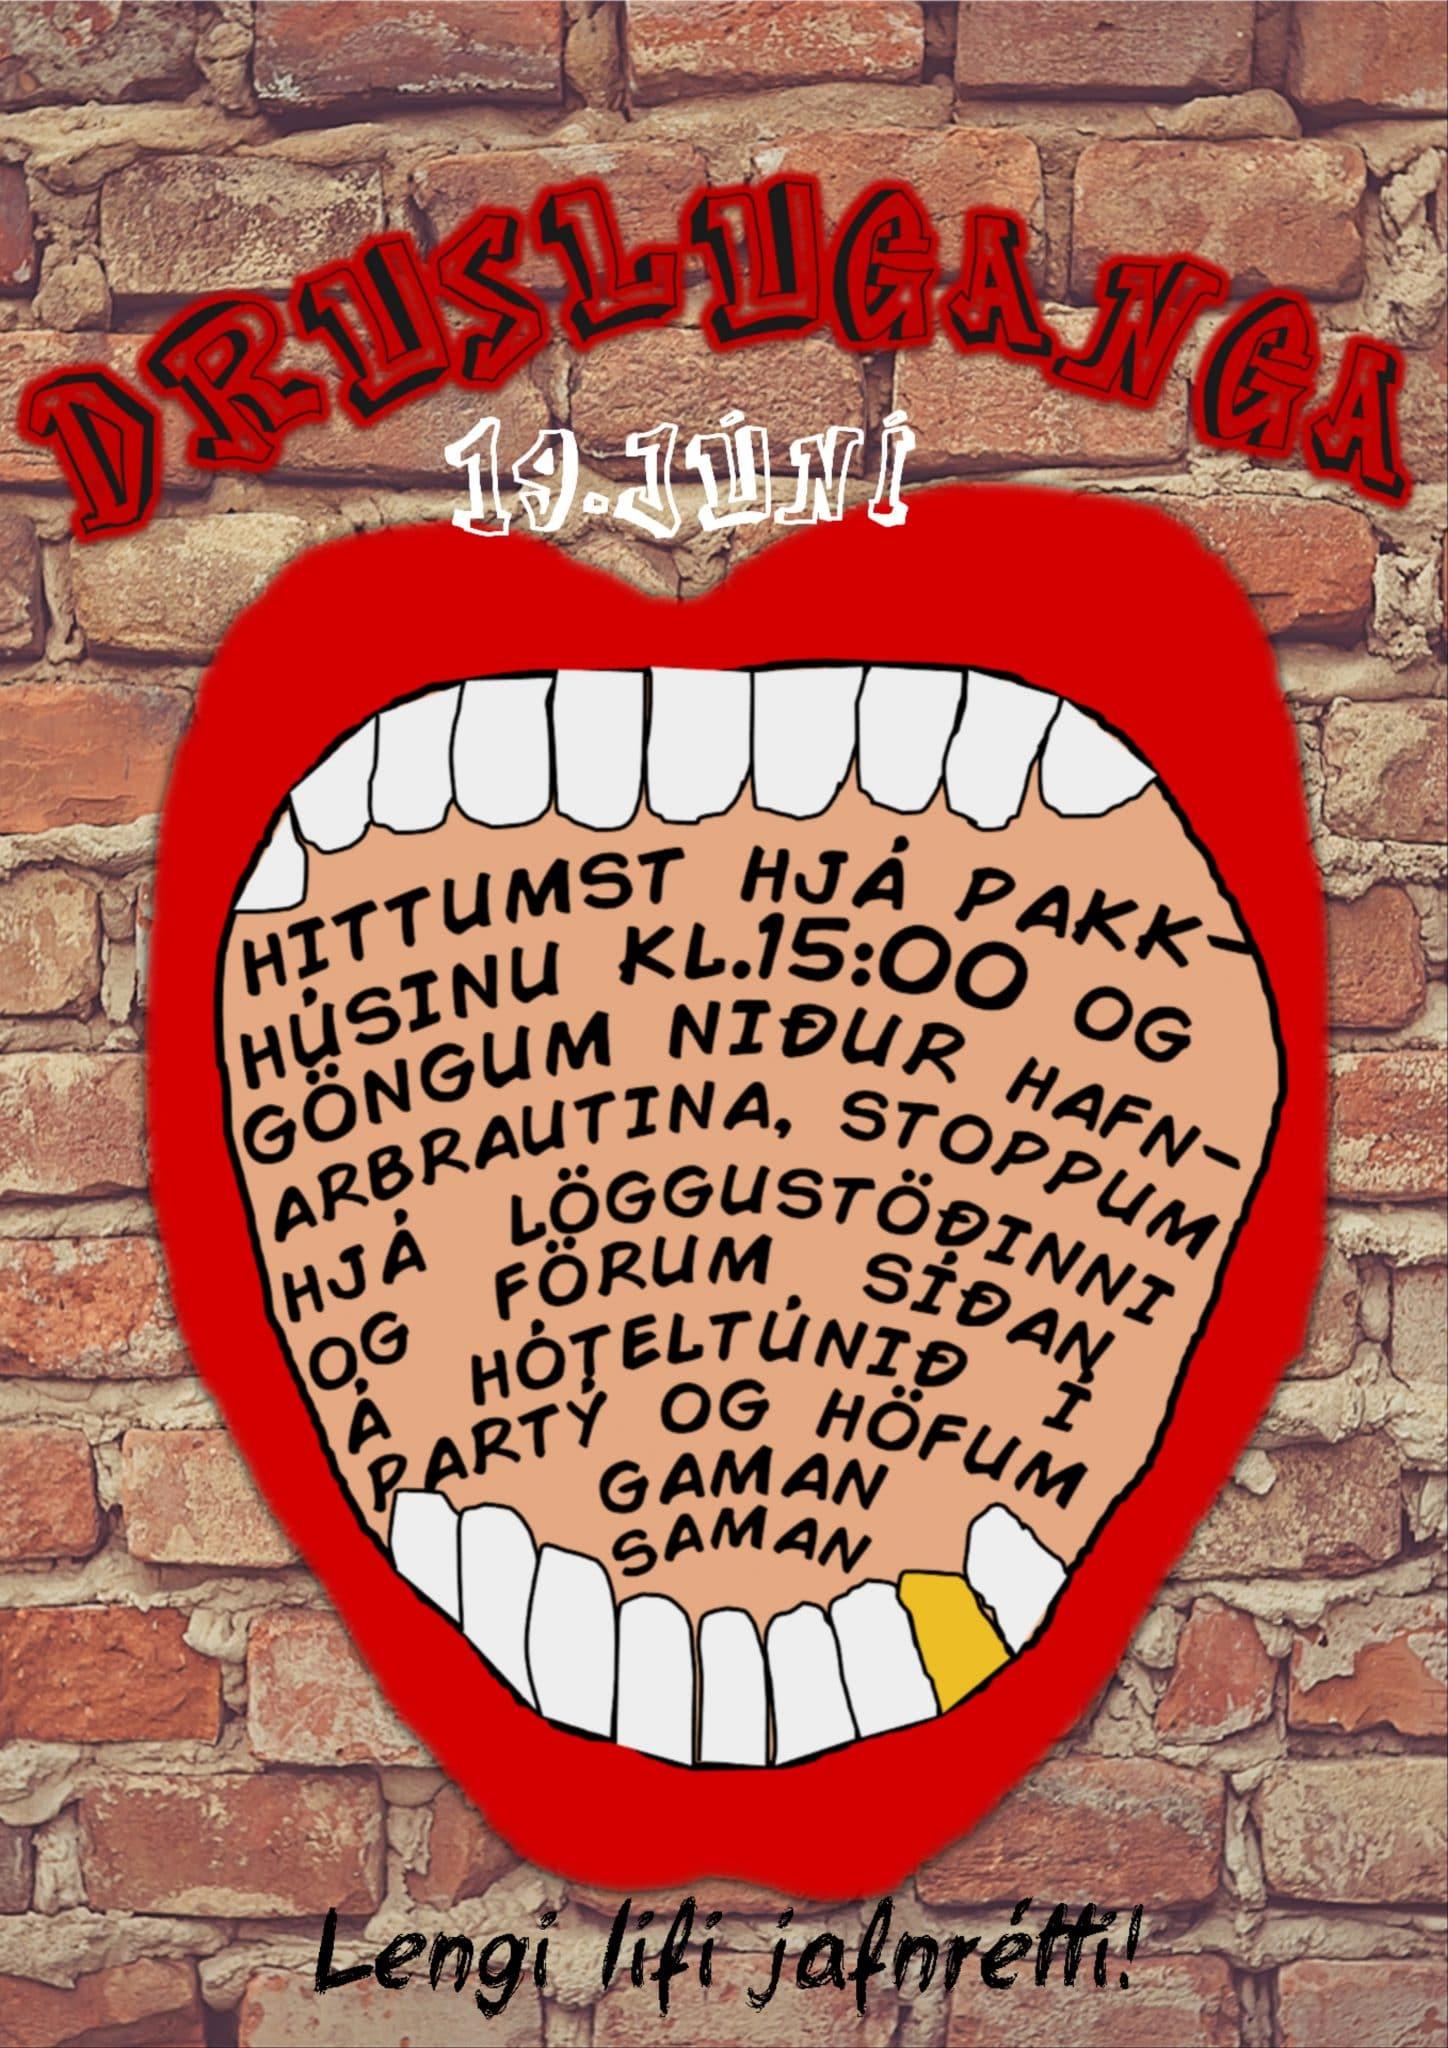 Drusluganga 19. júní á Höfn